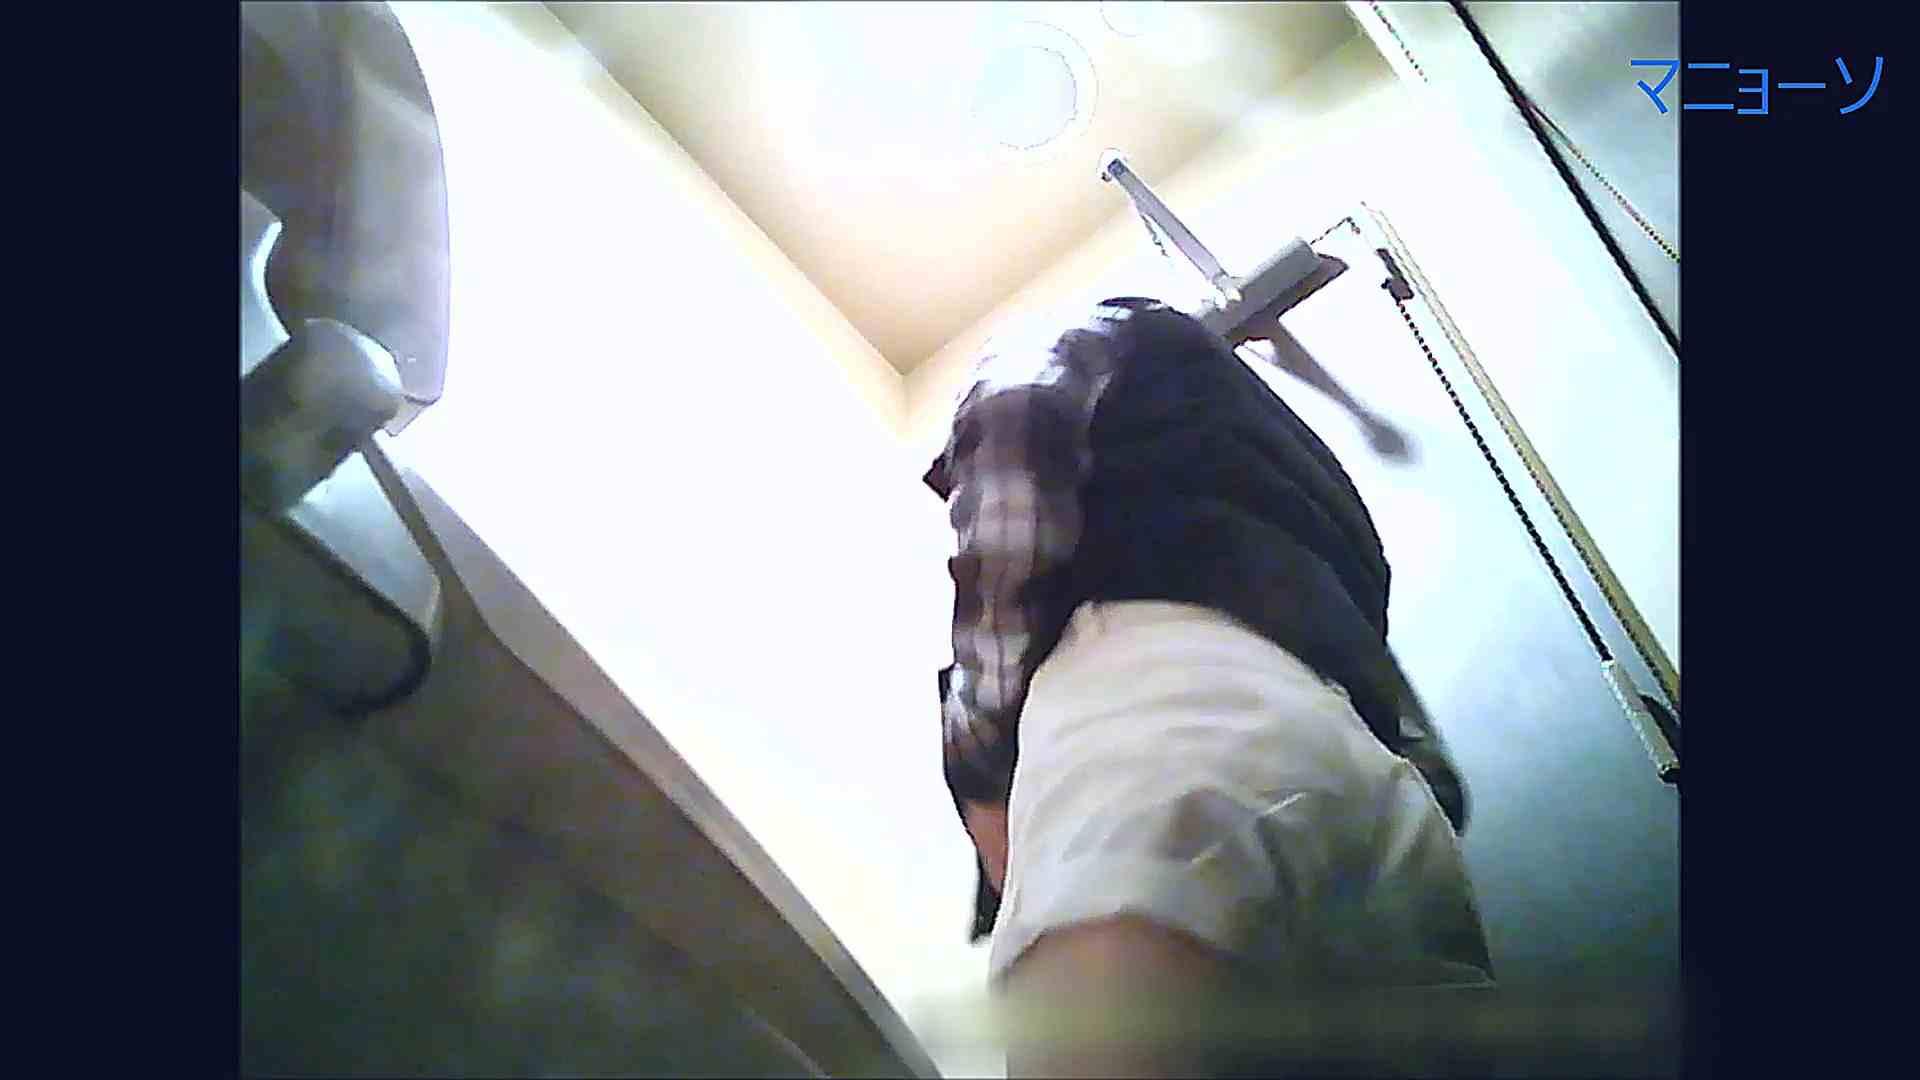 トイレでひと肌脱いでもらいました (JD編)Vol.03 トイレ盗撮 | 高画質  105枚 79